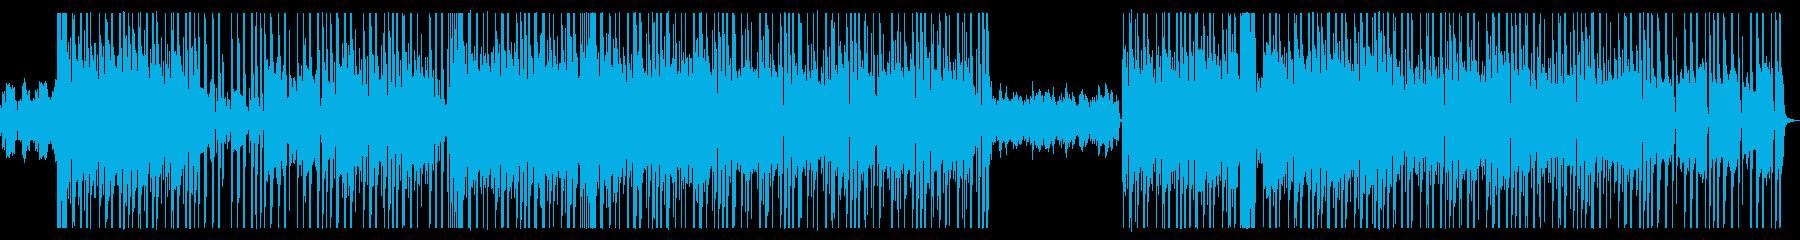 ノスタルジックなおしゃれヒップホップの再生済みの波形